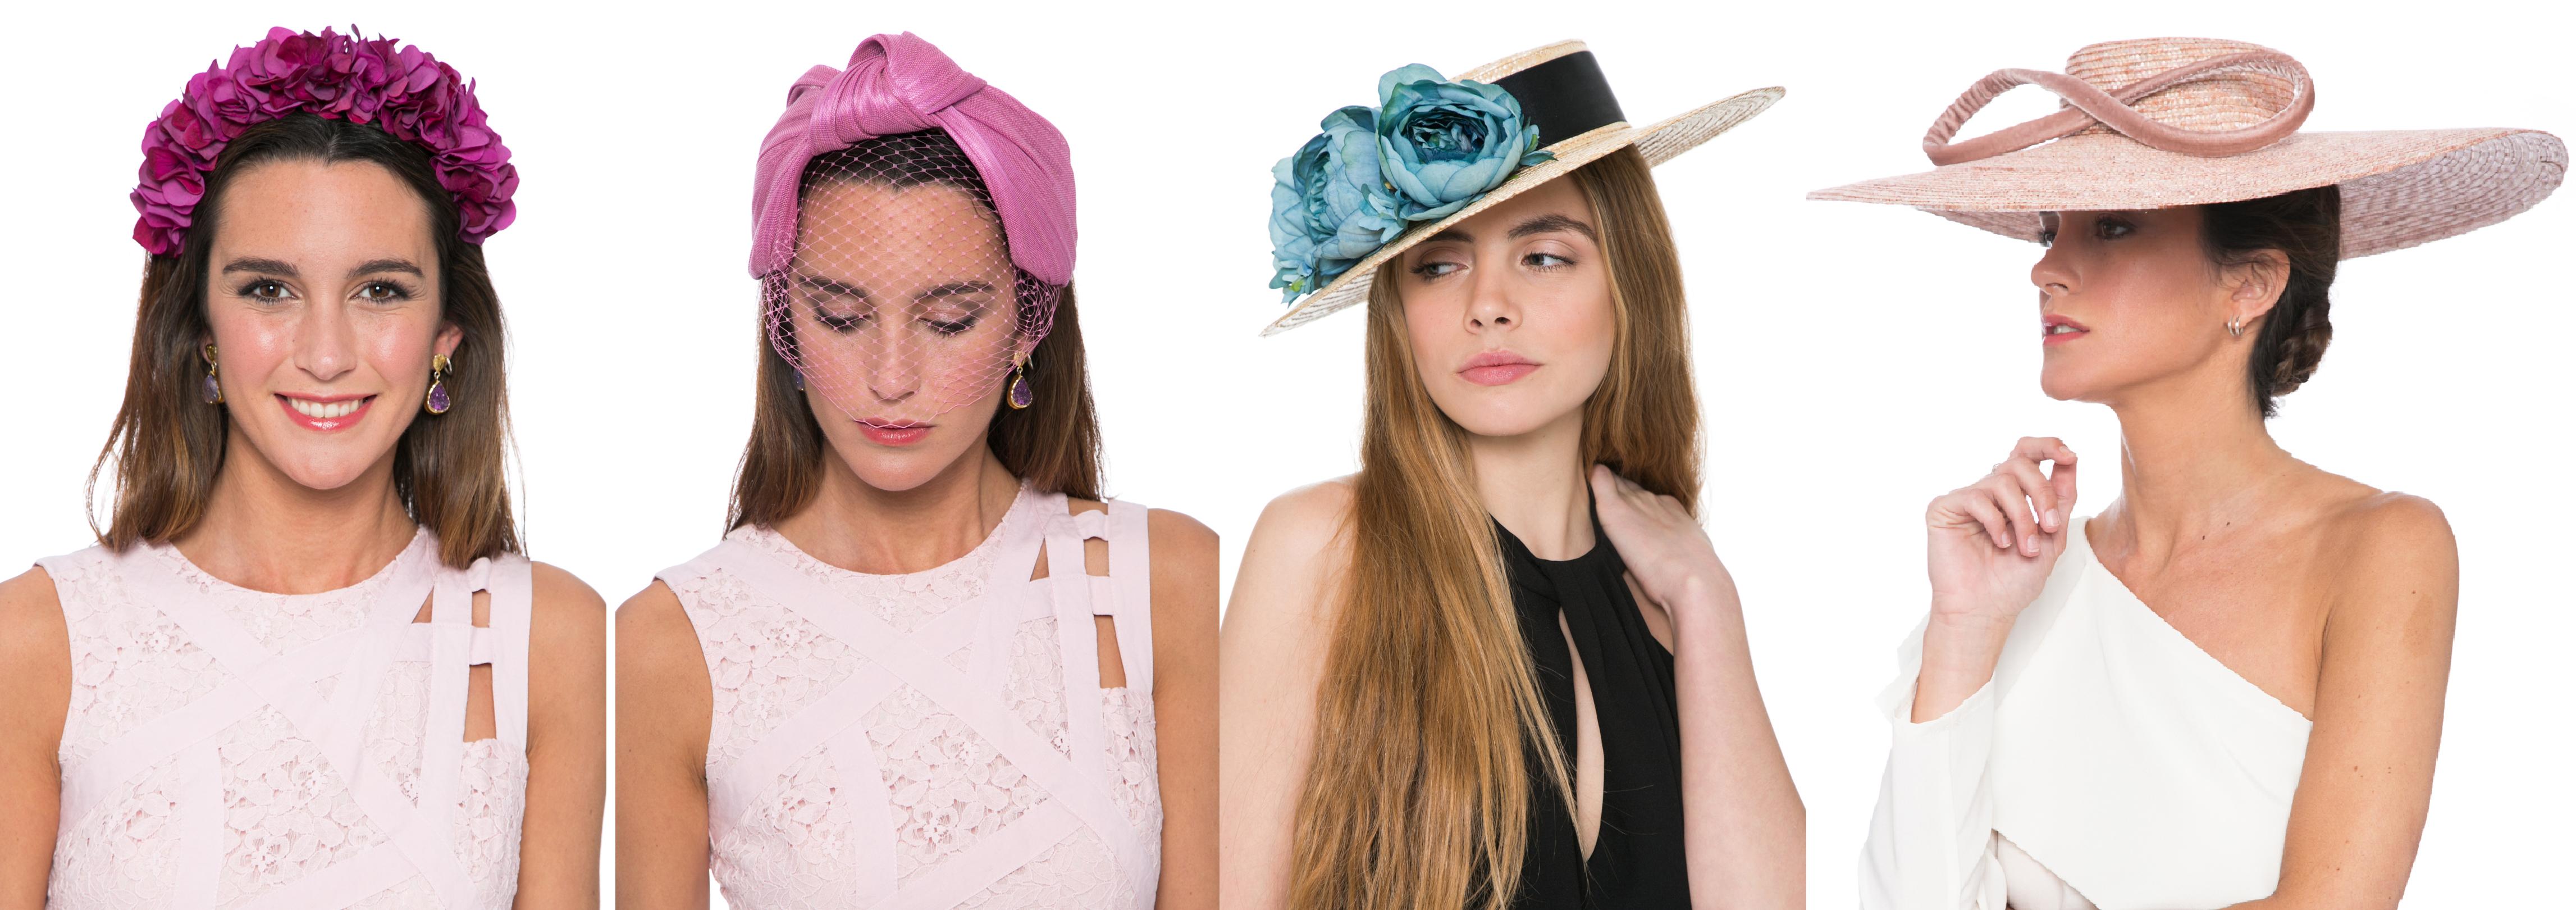 tocados de alquiler en lamasmona.com corona de flores, turbante, canotier y pamela